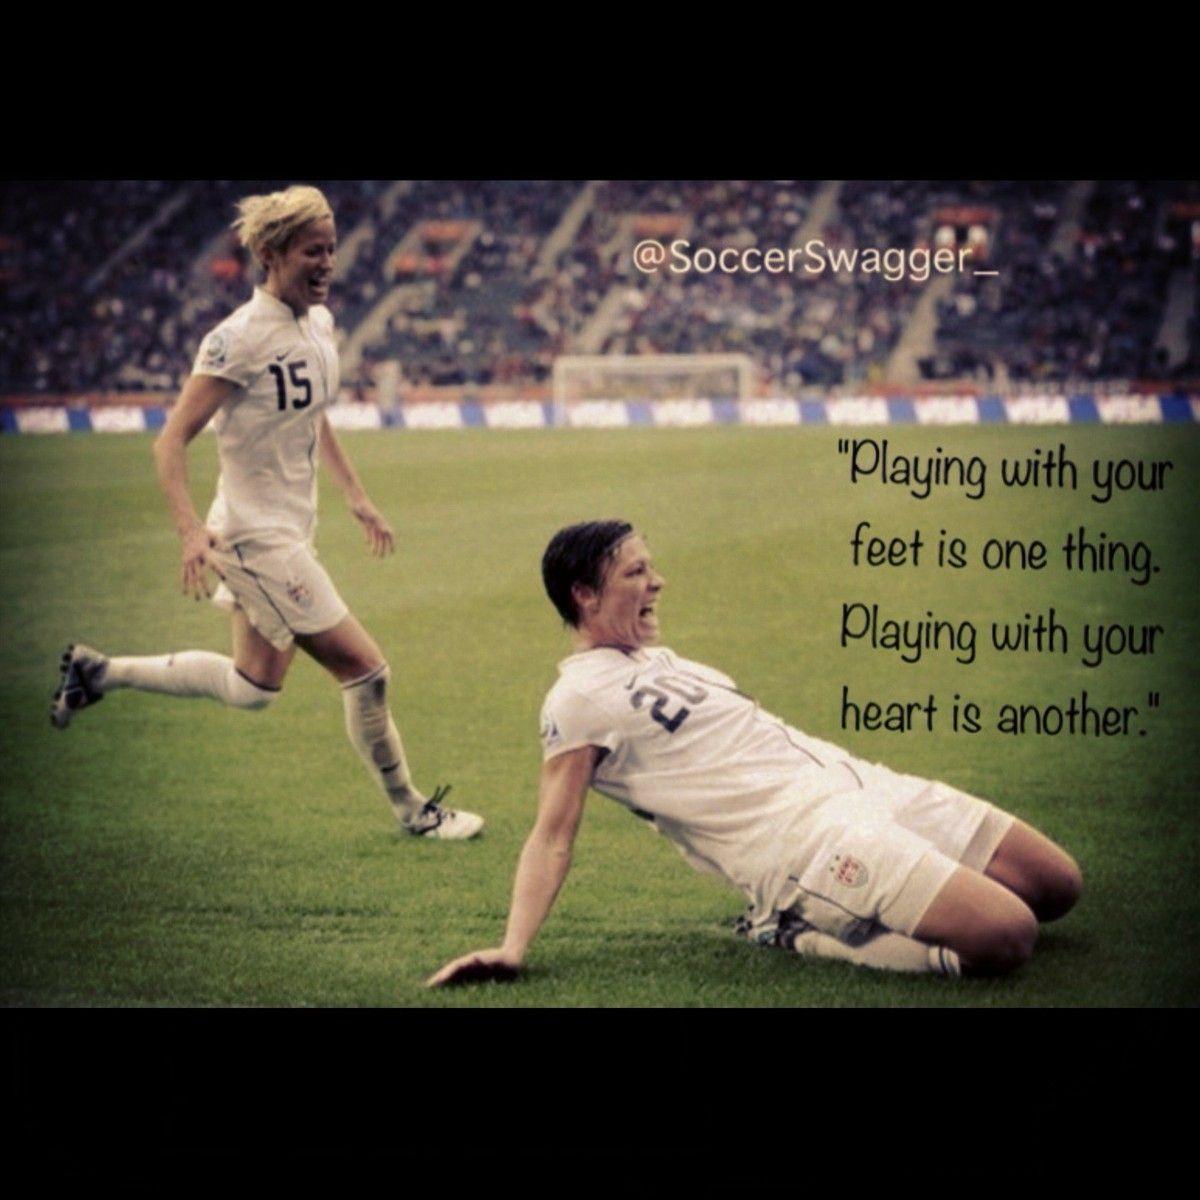 Цитаты о футболе для девушек